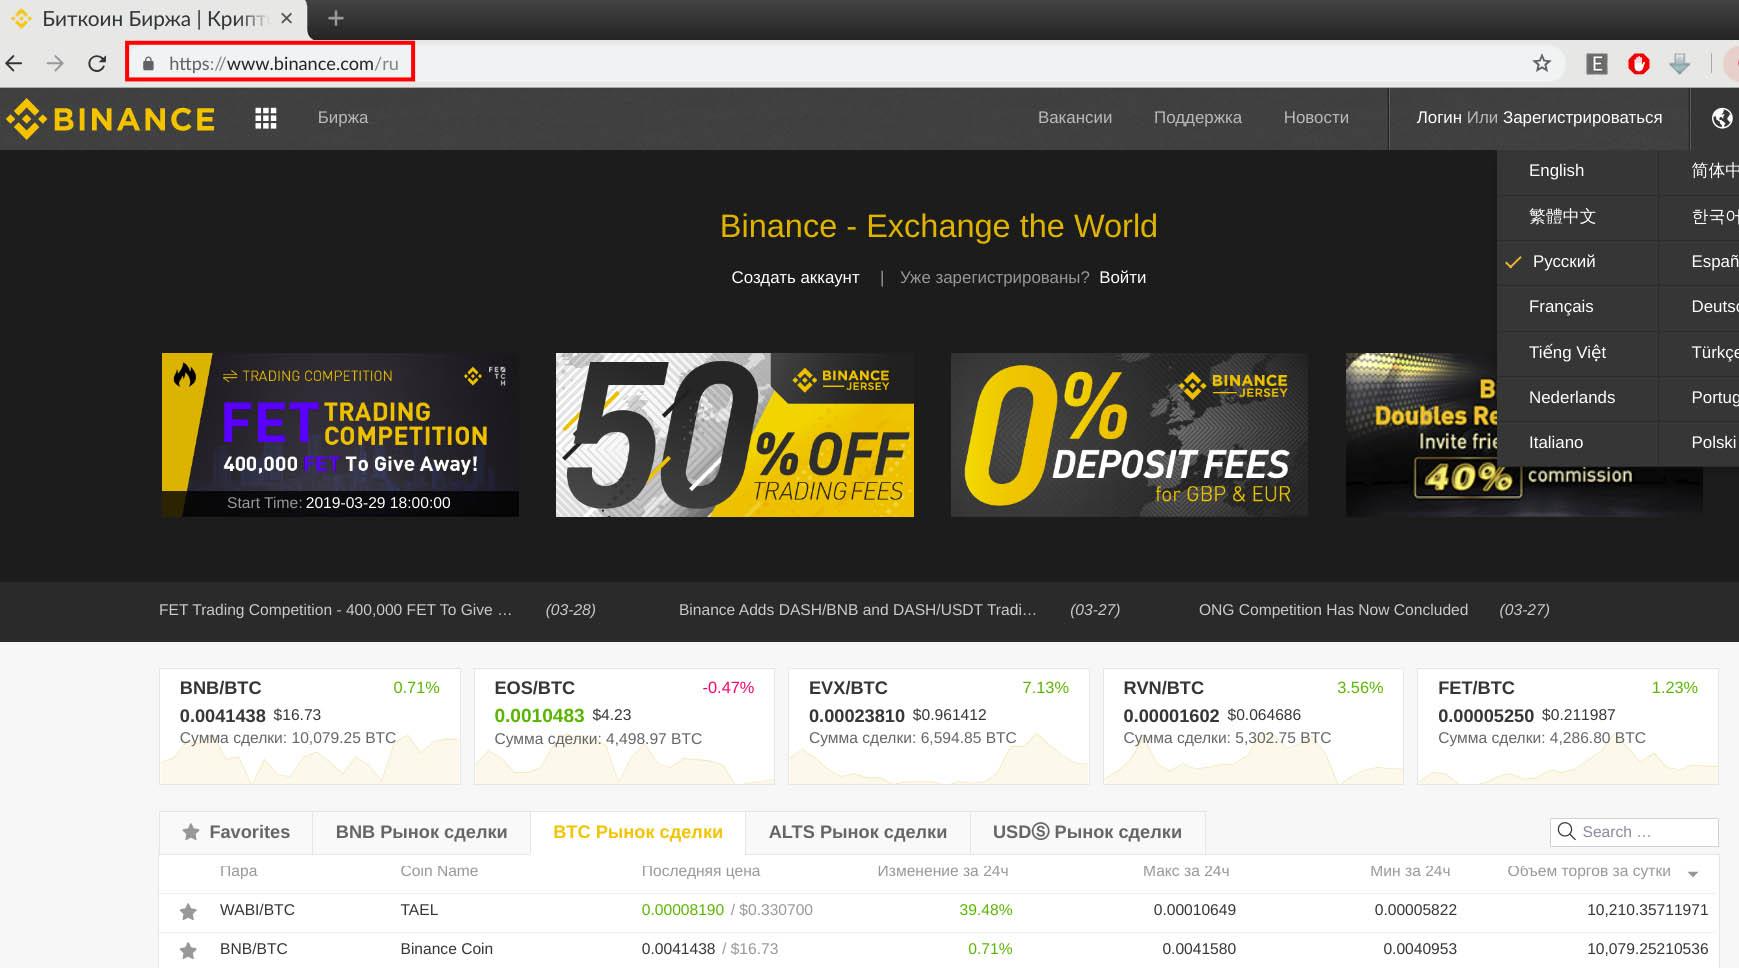 Сайт Binance